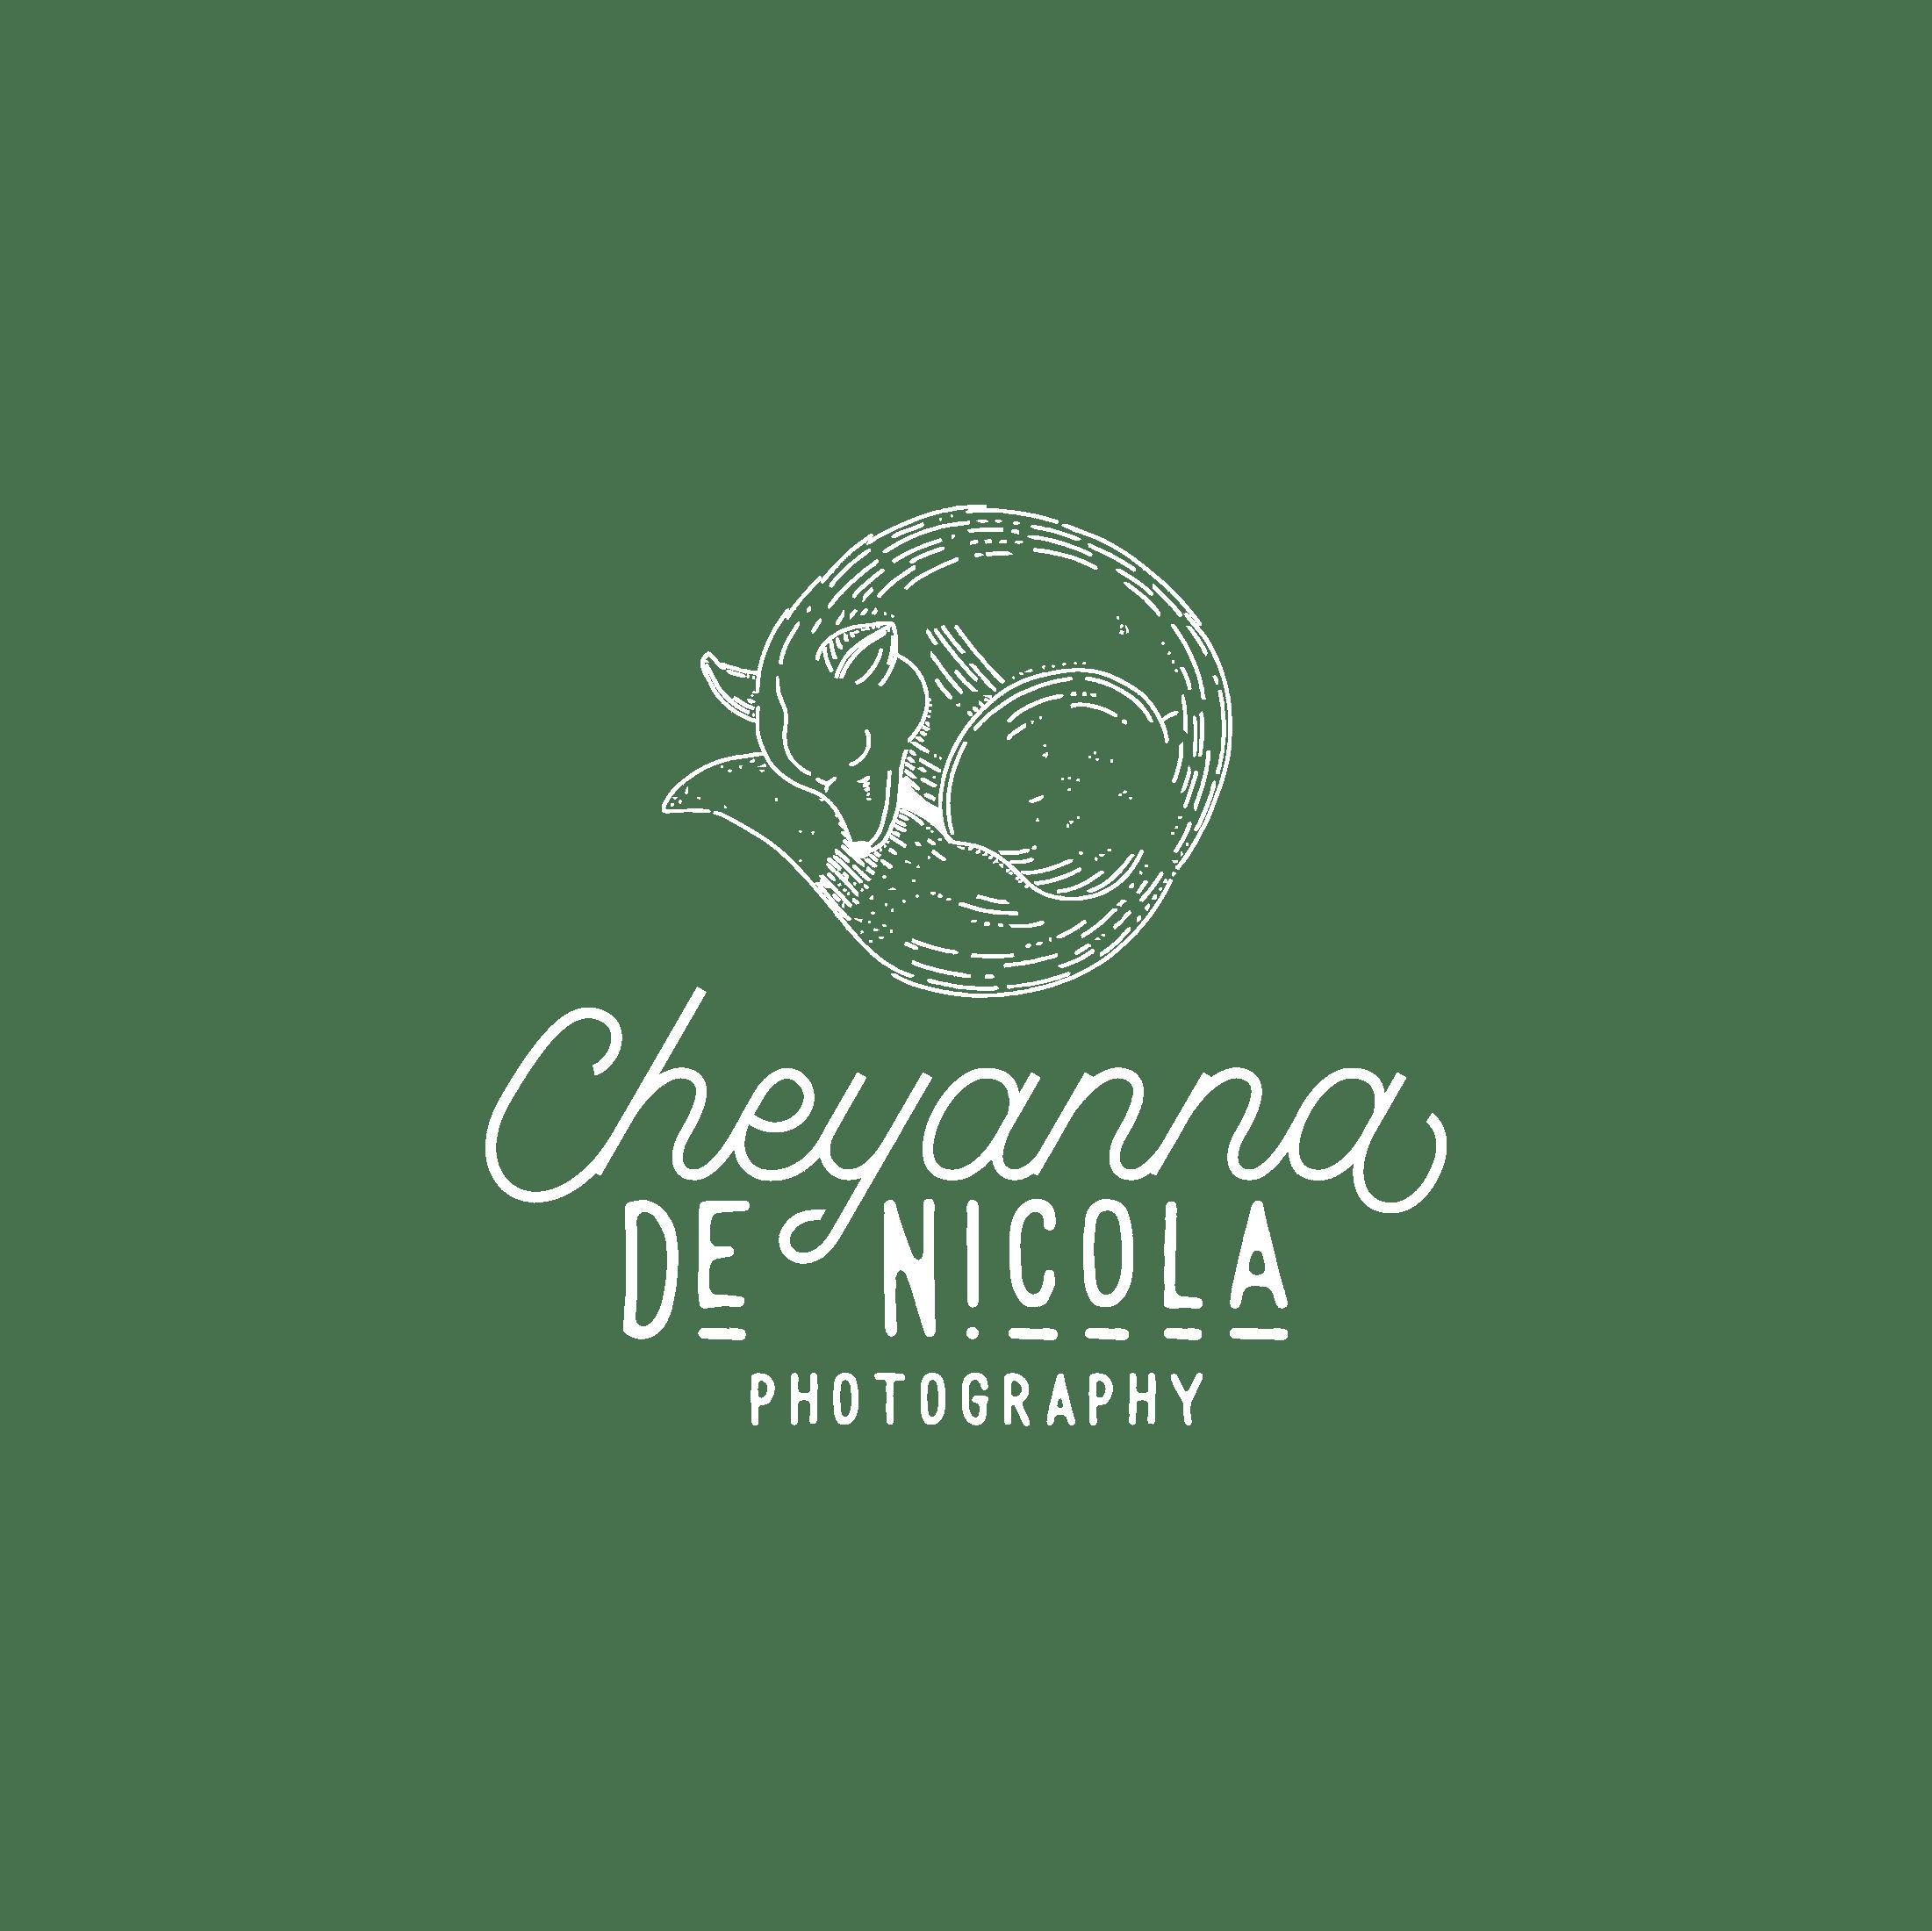 Cheyanna De Nicola